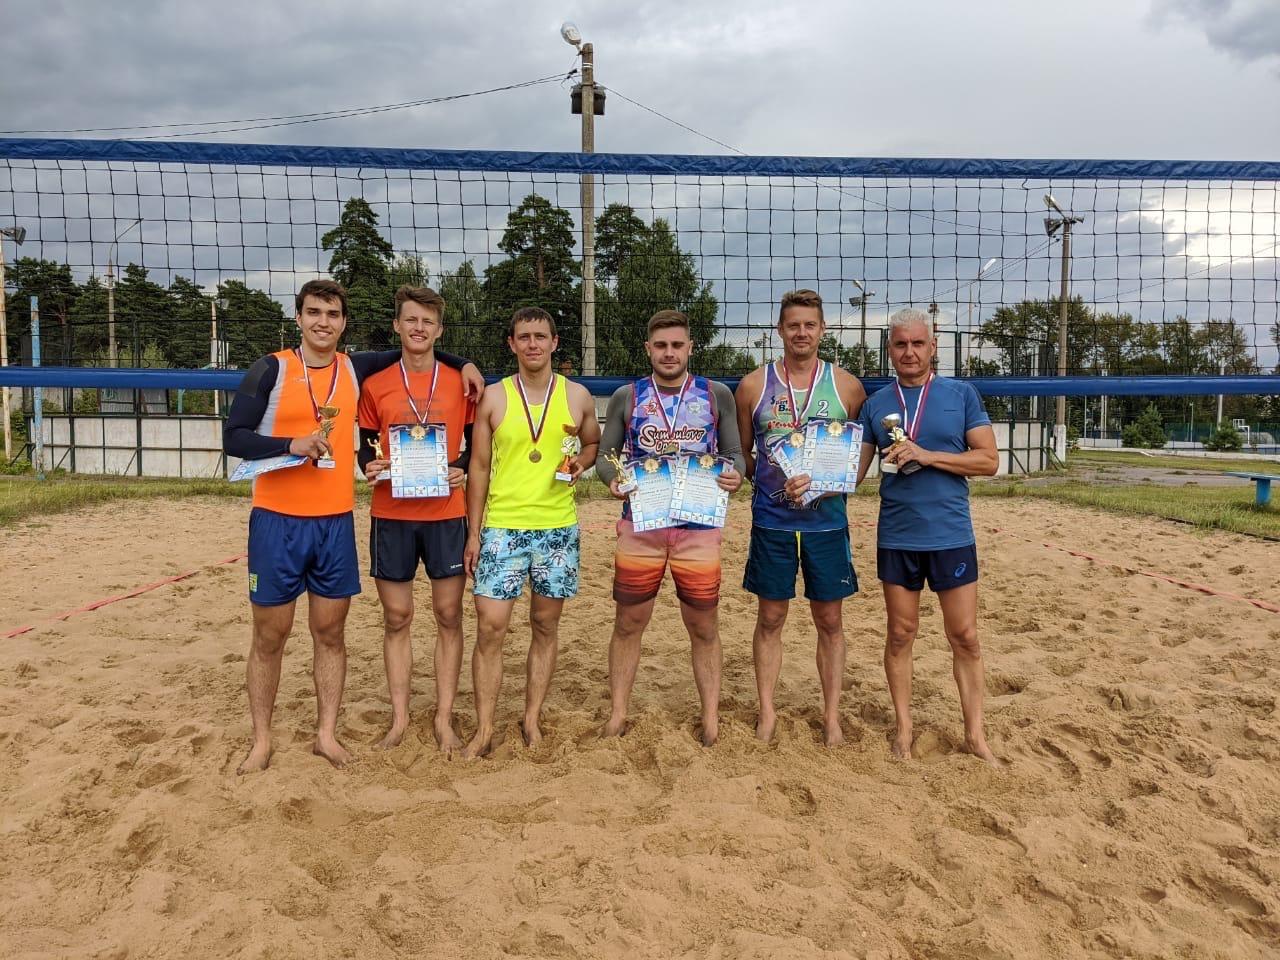 15 августа на Стадионе им. А. Гринина состоялся Турнир по пляжному волейболу среди мужских команд, посвящённый Дню города #Озеры95.